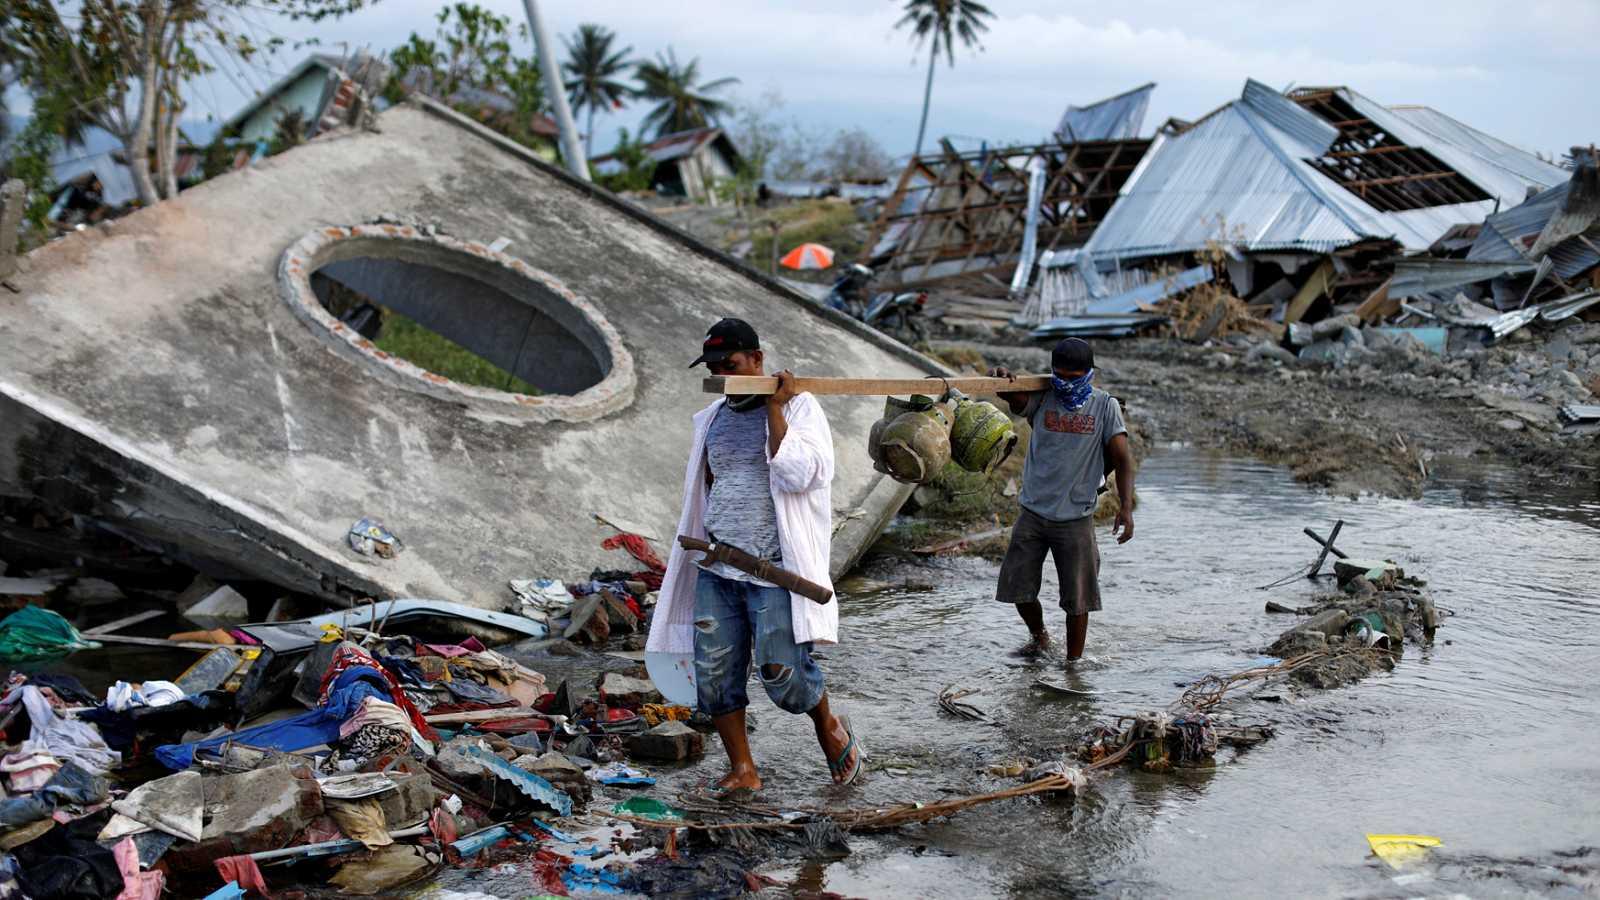 Cooperación es Desarrollo - Terremoto y emergencia humanitaria en Indonesia - 14/10/18 - escuchar ahora